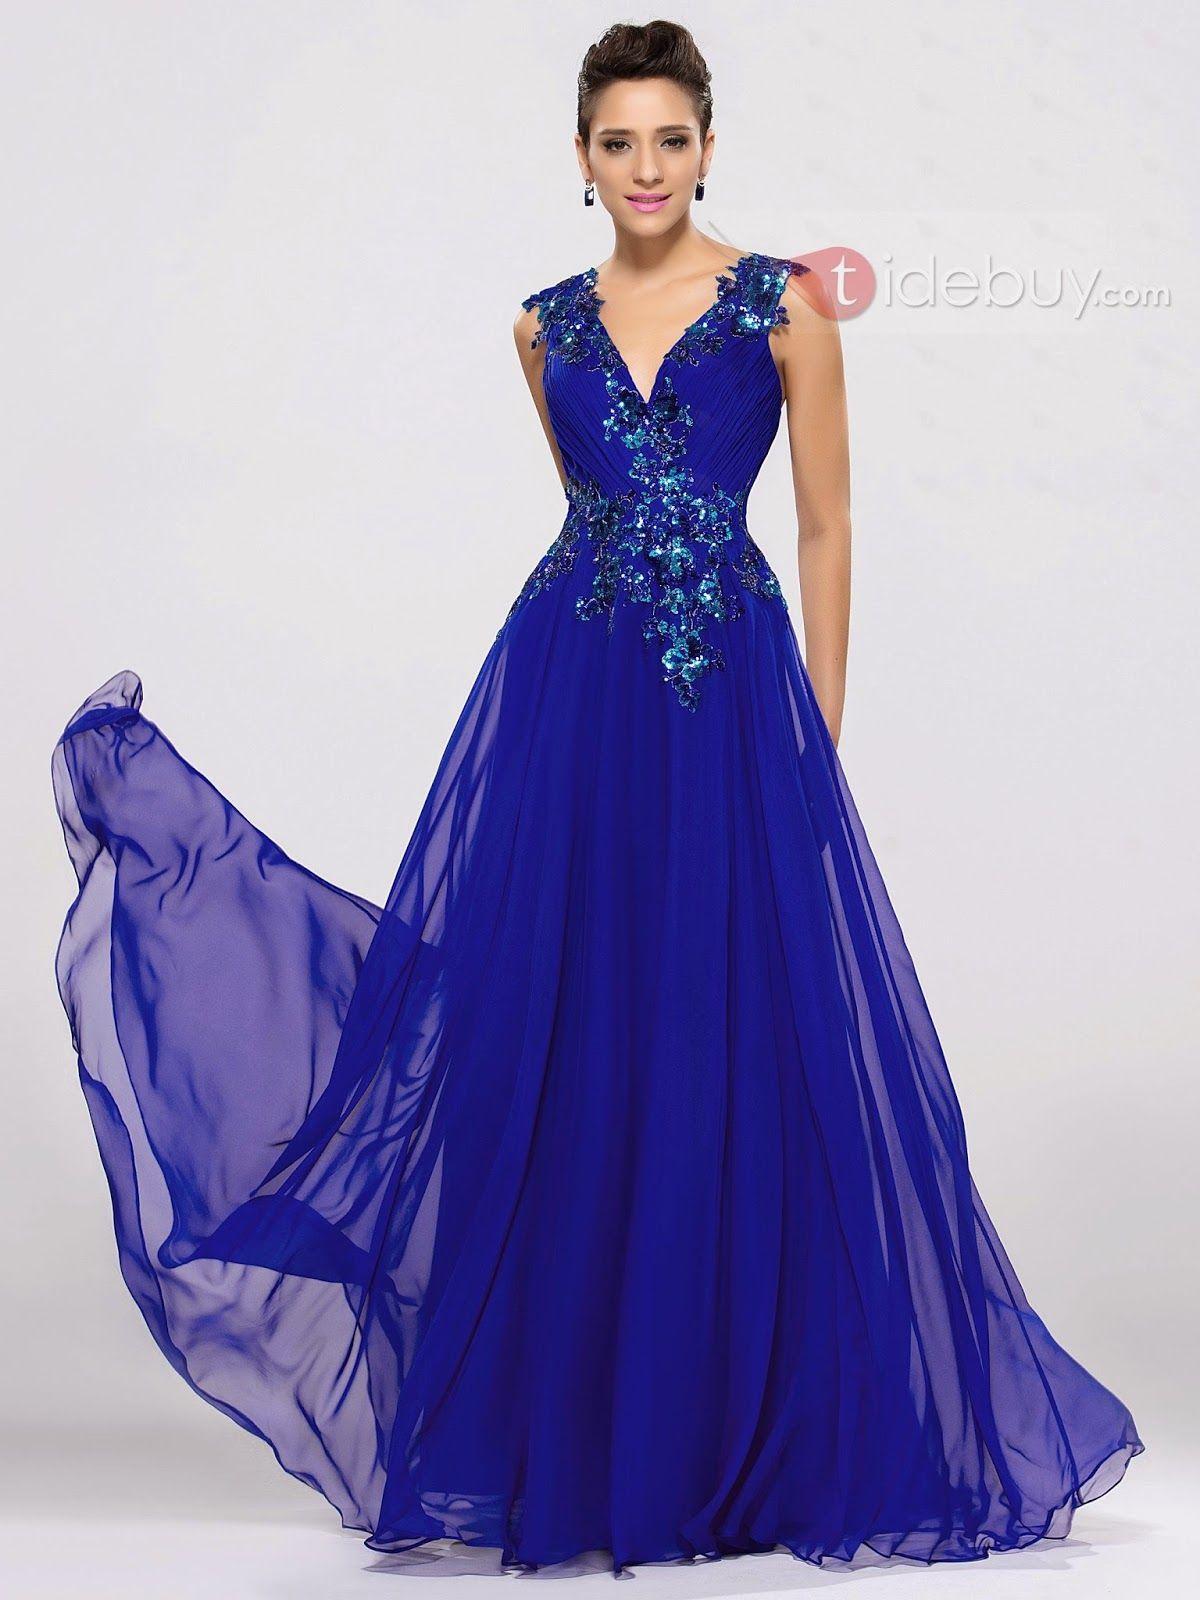 Exclusivos vestidos de noche formales para señoritas | vestidos ...